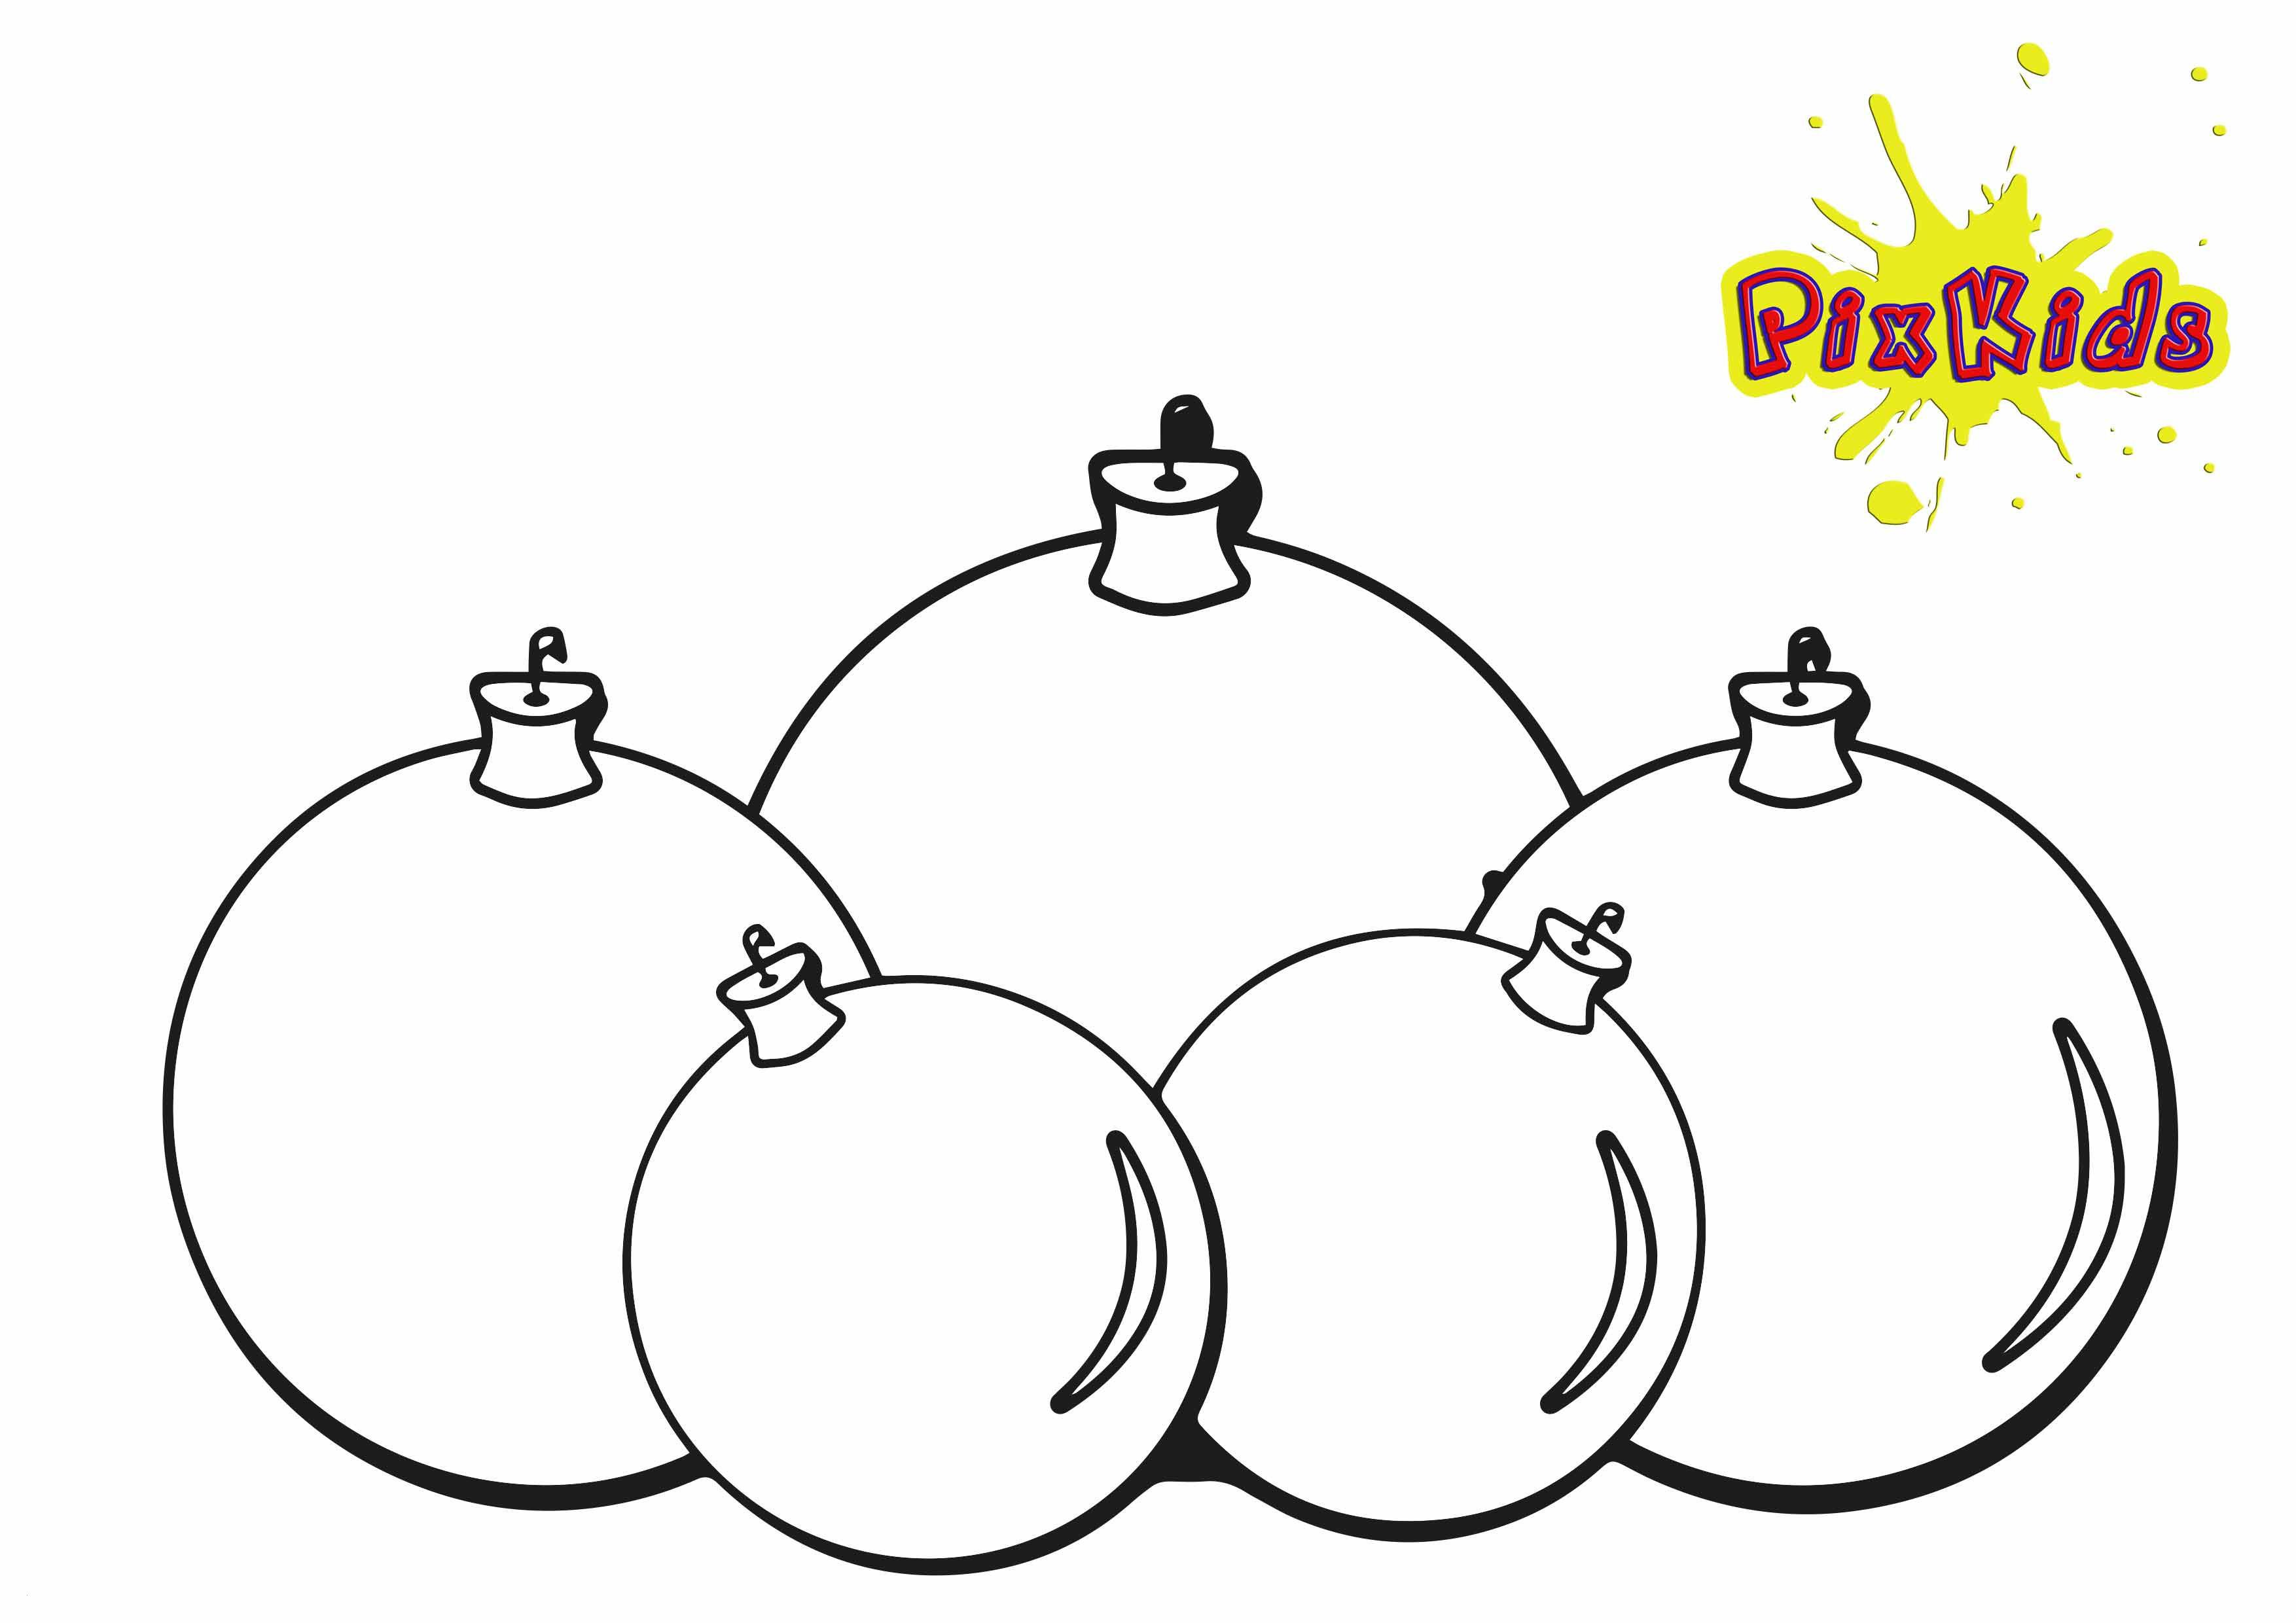 Malvorlagen Weihnachten Tannenbaum Inspirierend Malvorlagen Tannenbaum Ausdrucken Frisch Ausmalbilder Bilder